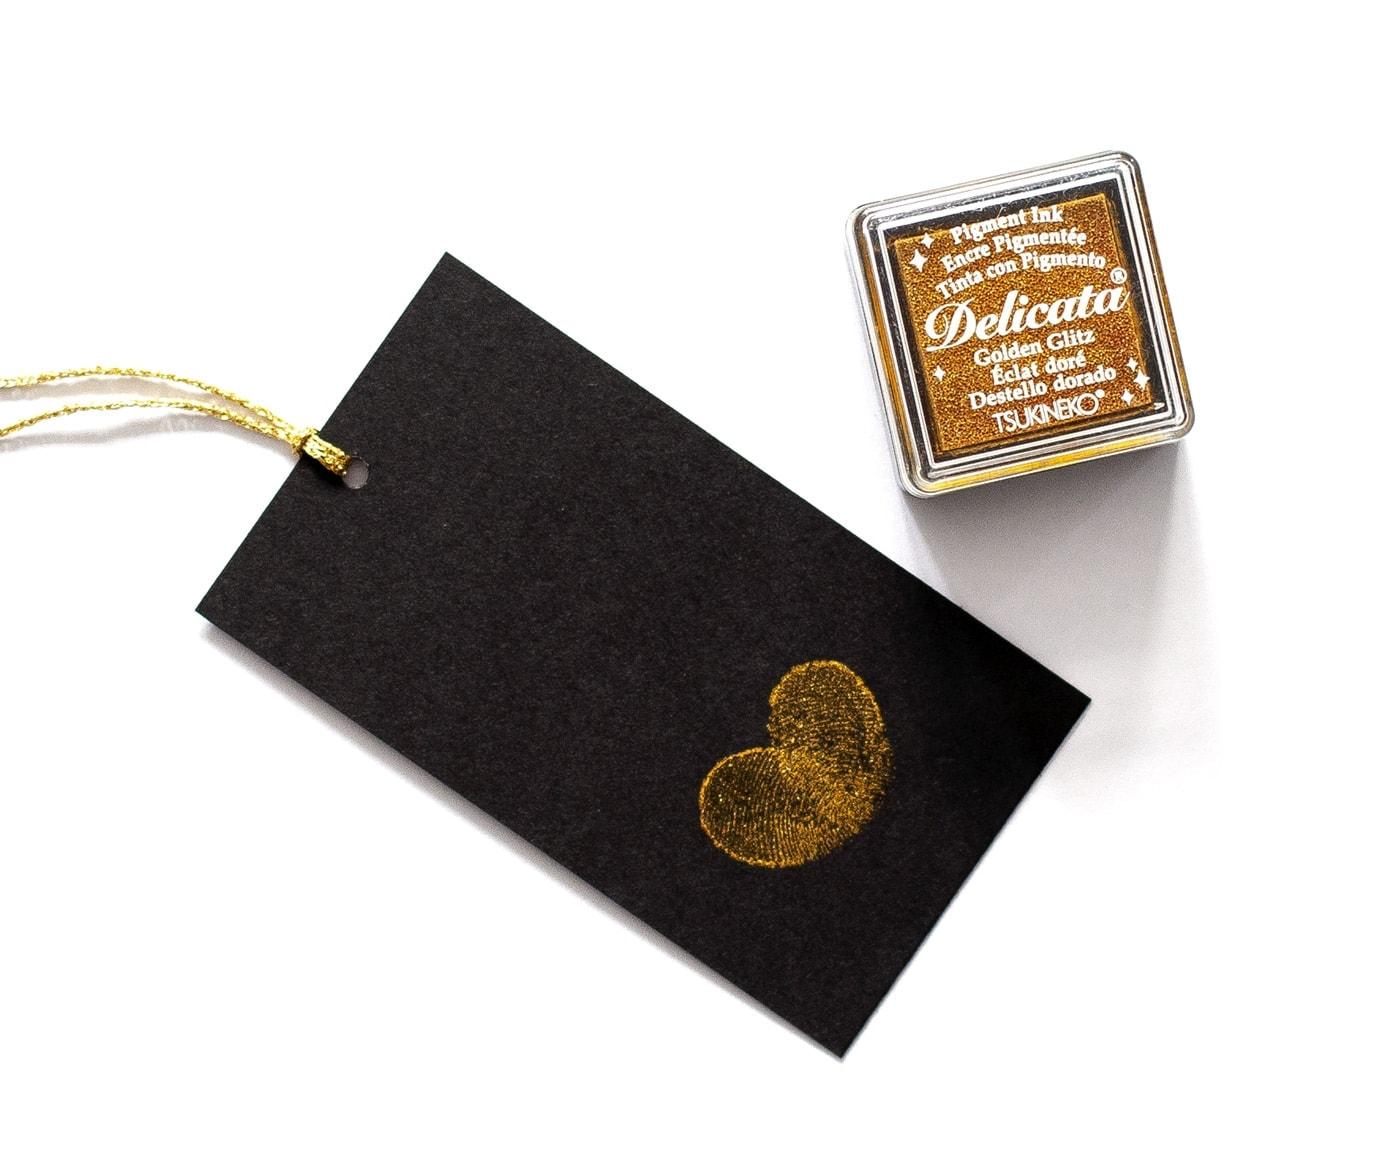 Złoty tusz do odcisków palców delicata golden glitz